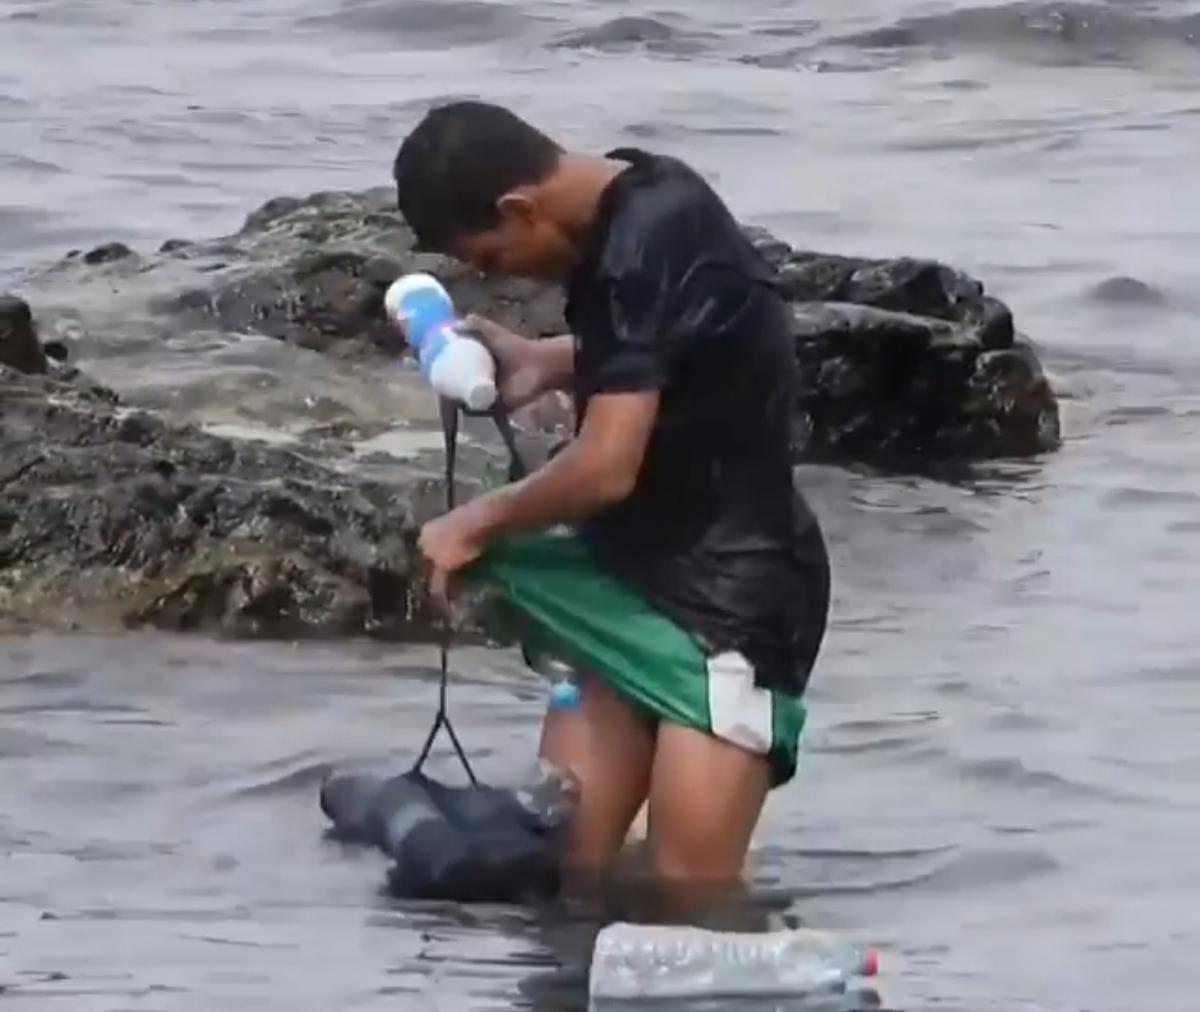 خلاقیت یک نوجوان مهاجر مراکشی در استفاده از بطری های خالی + ویدئو